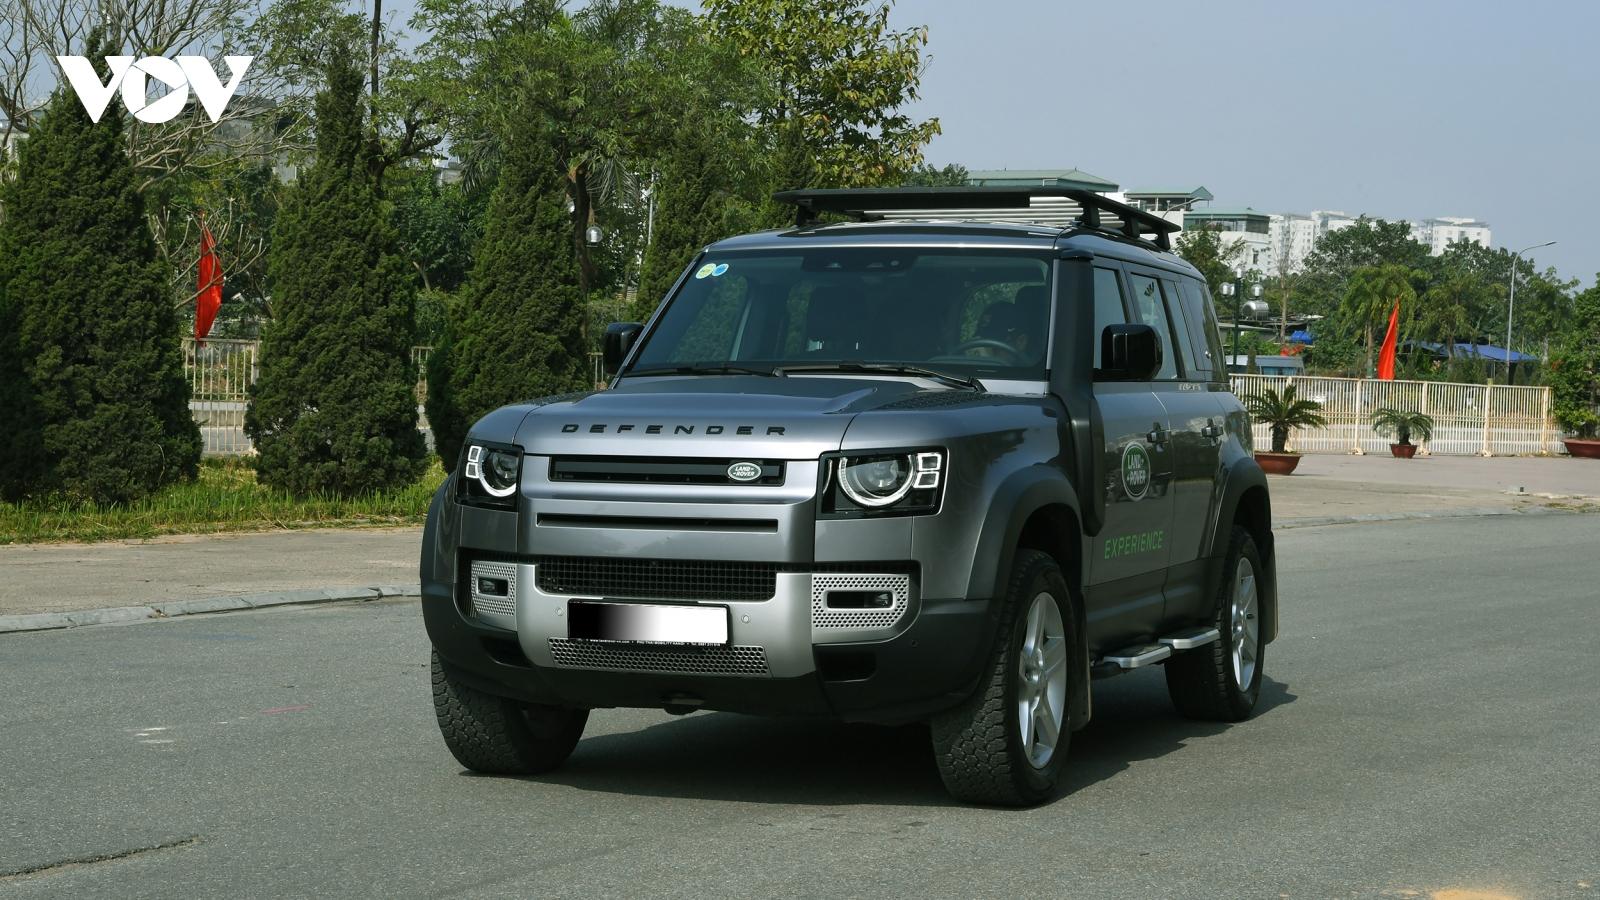 Land Rover Defender - mẫu SUV địa hình đang được mong đợi